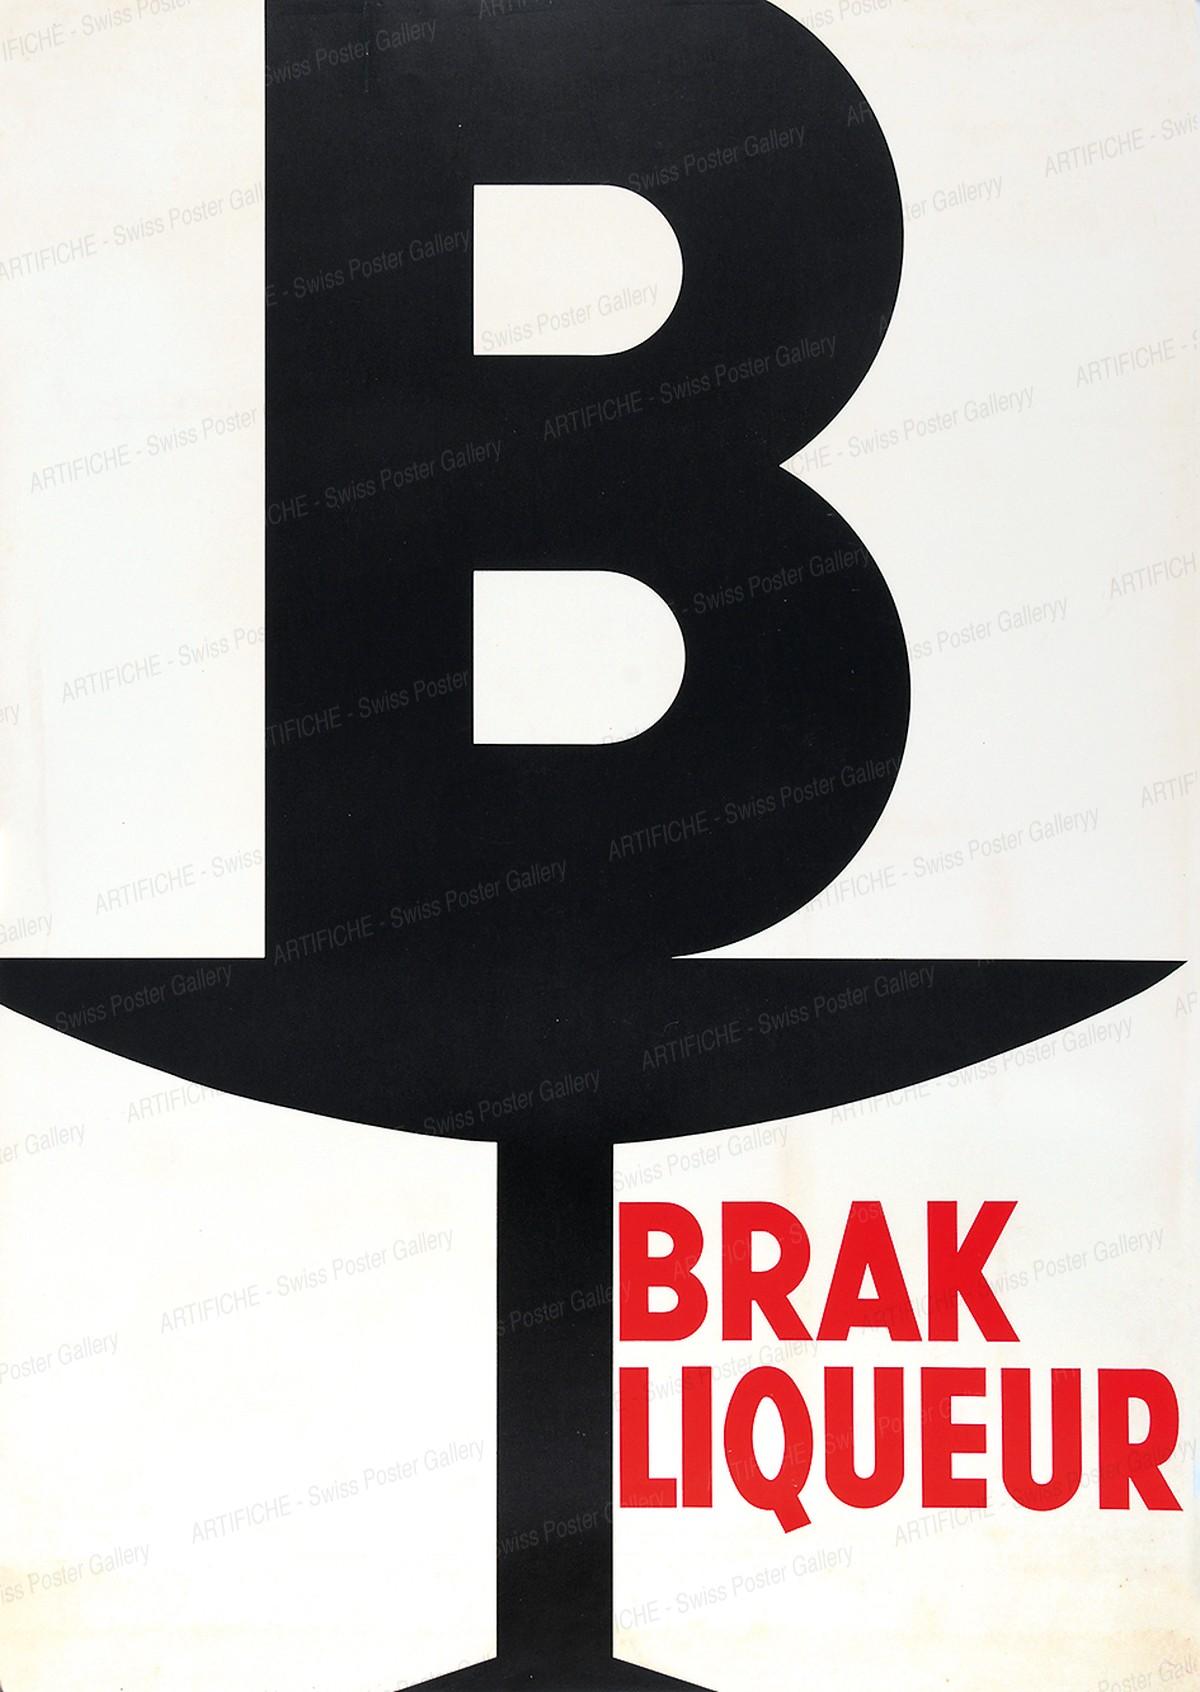 BRAK Liqueur, Otto Baumberger